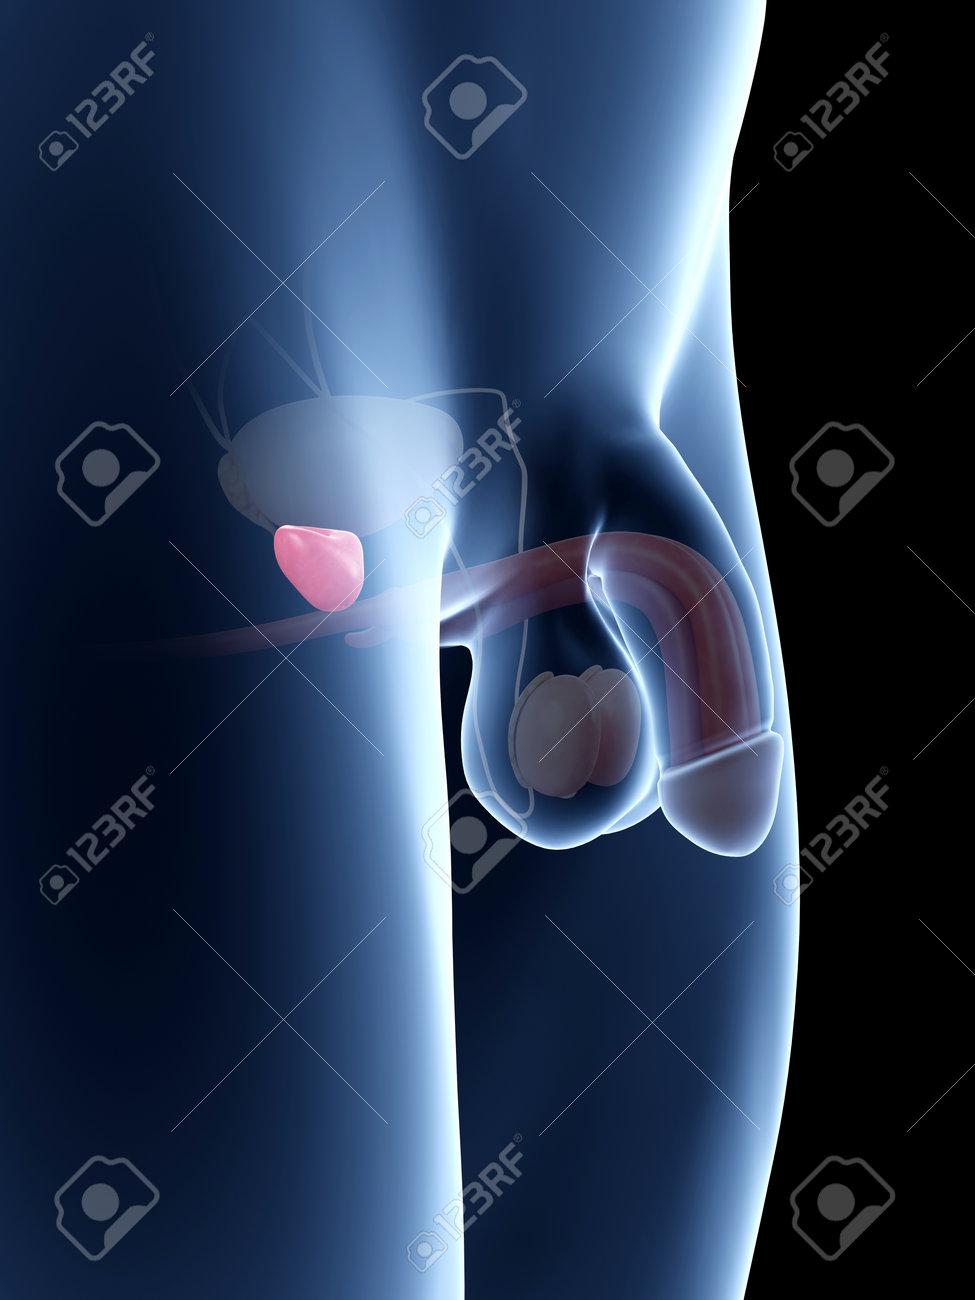 Ilustración De La Anatomía Del Pene - La Próstata Fotos, Retratos ...